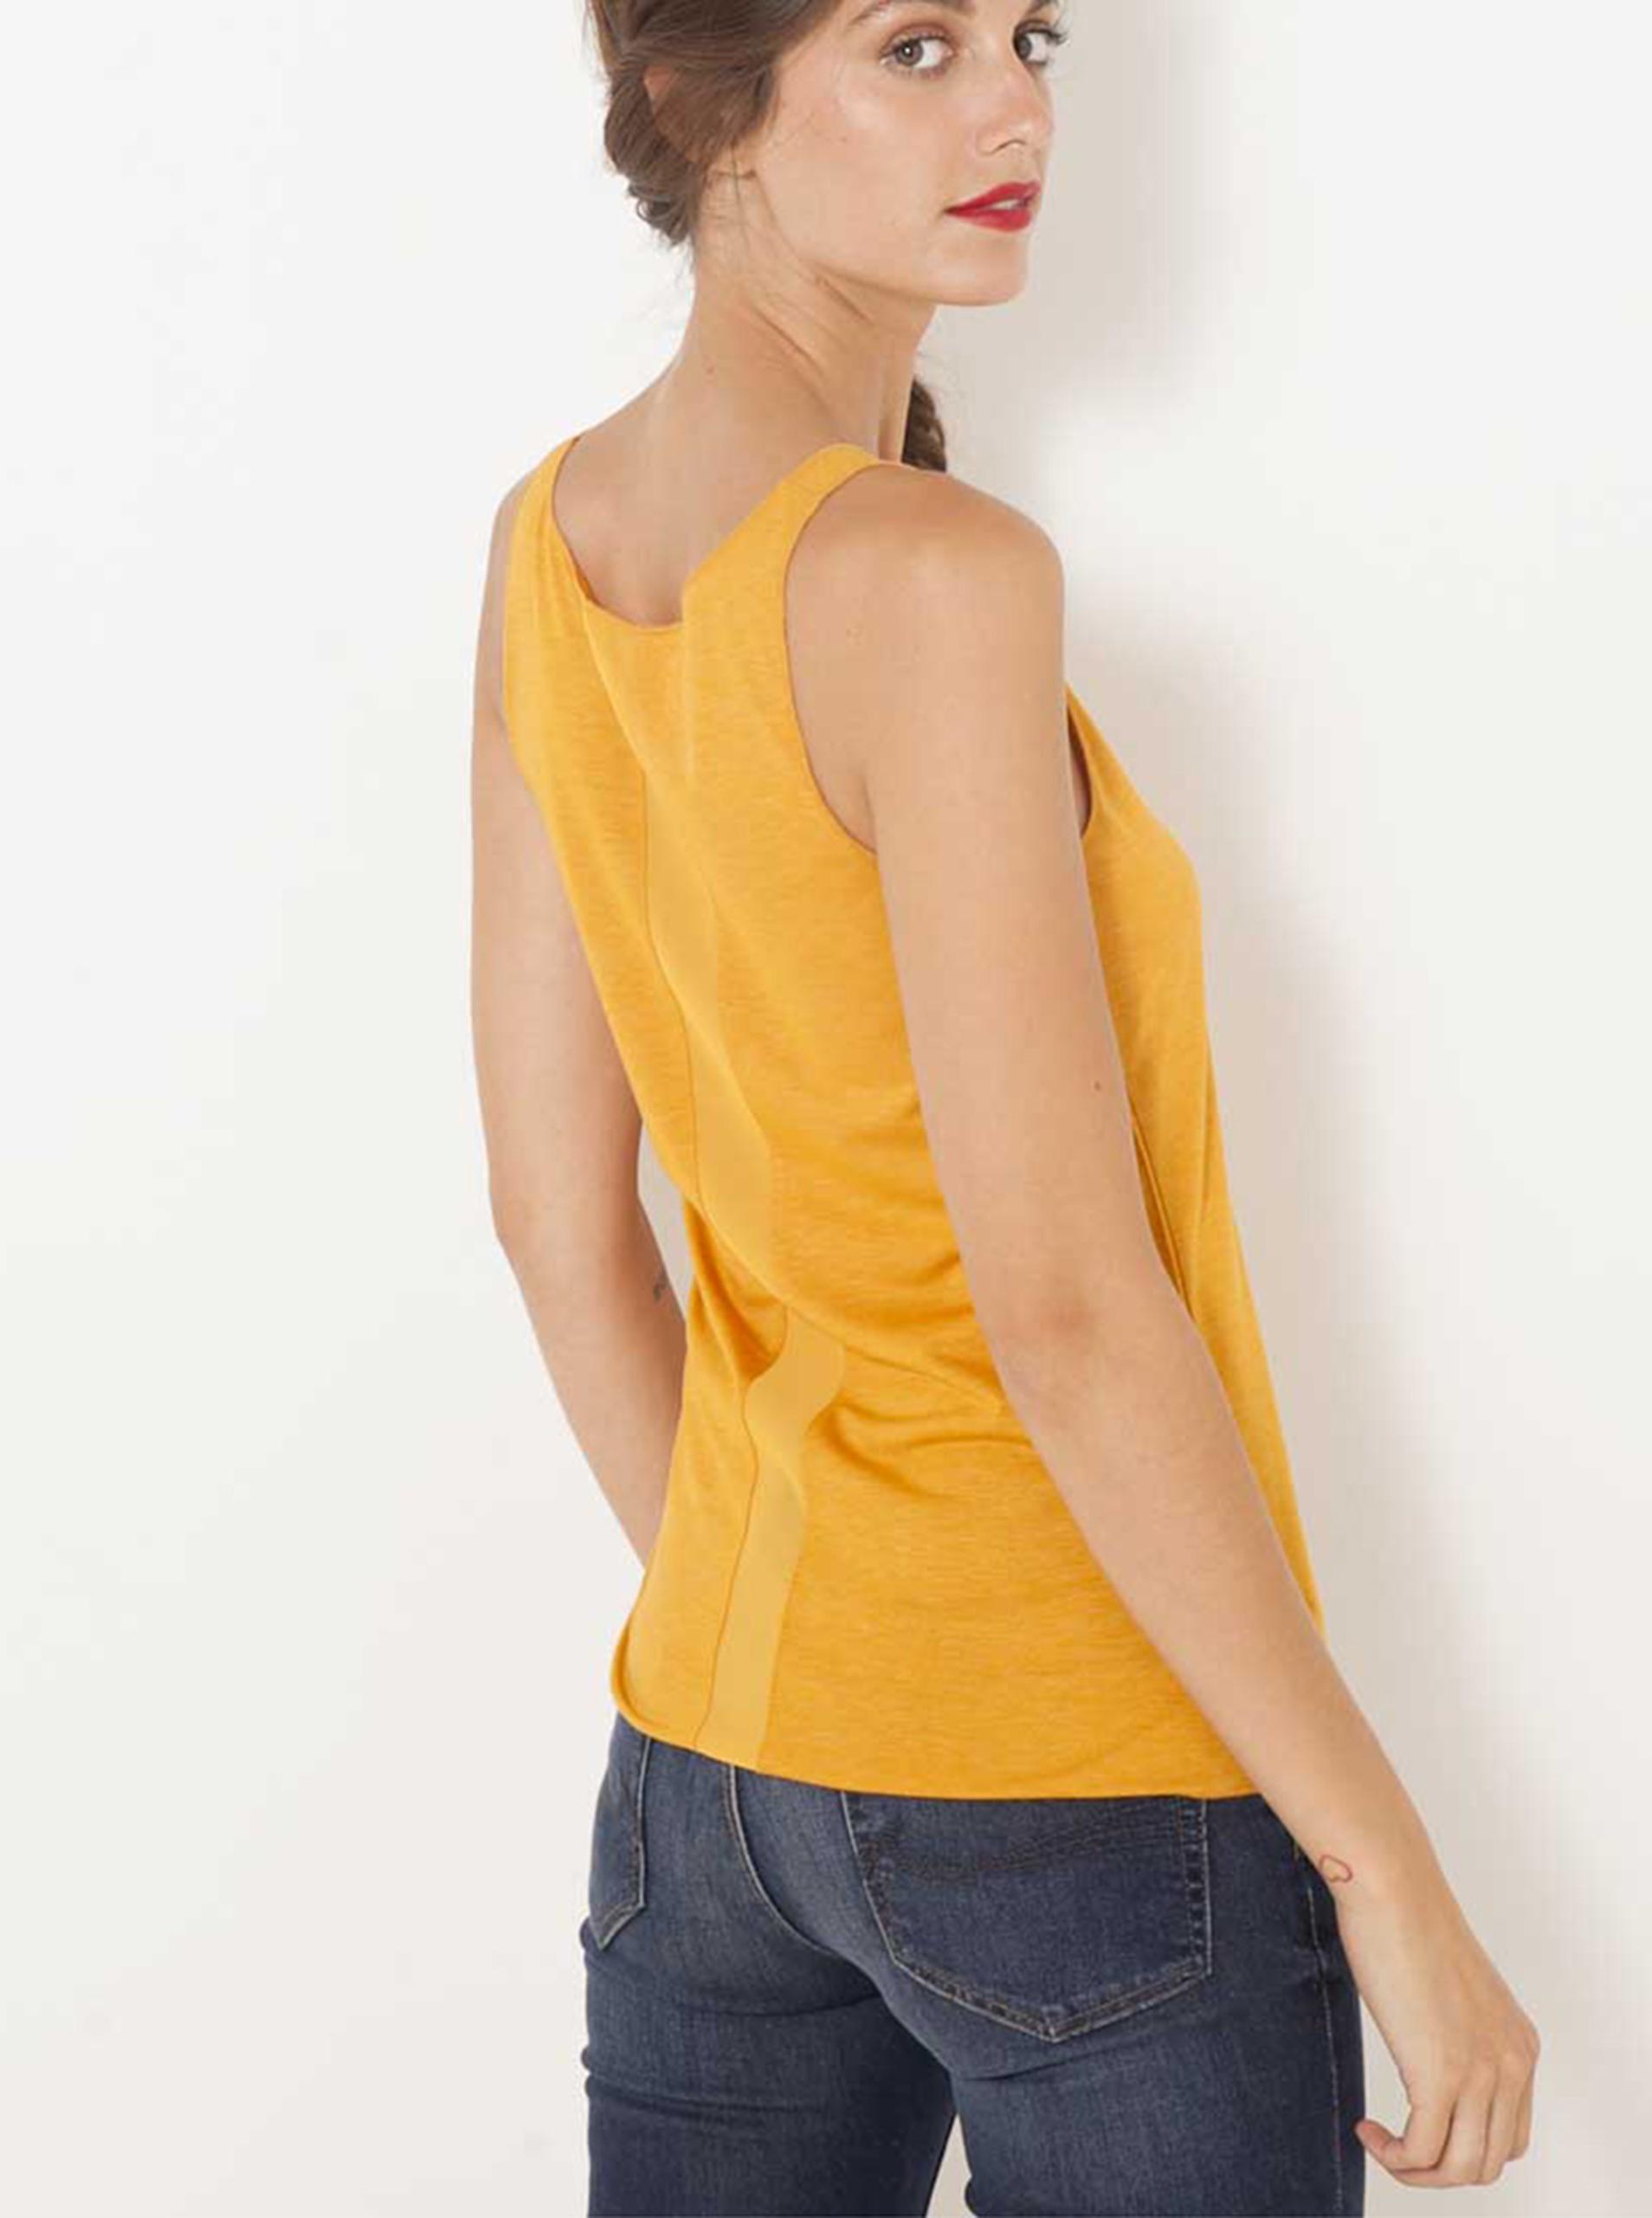 CAMAIEU Women's top orange